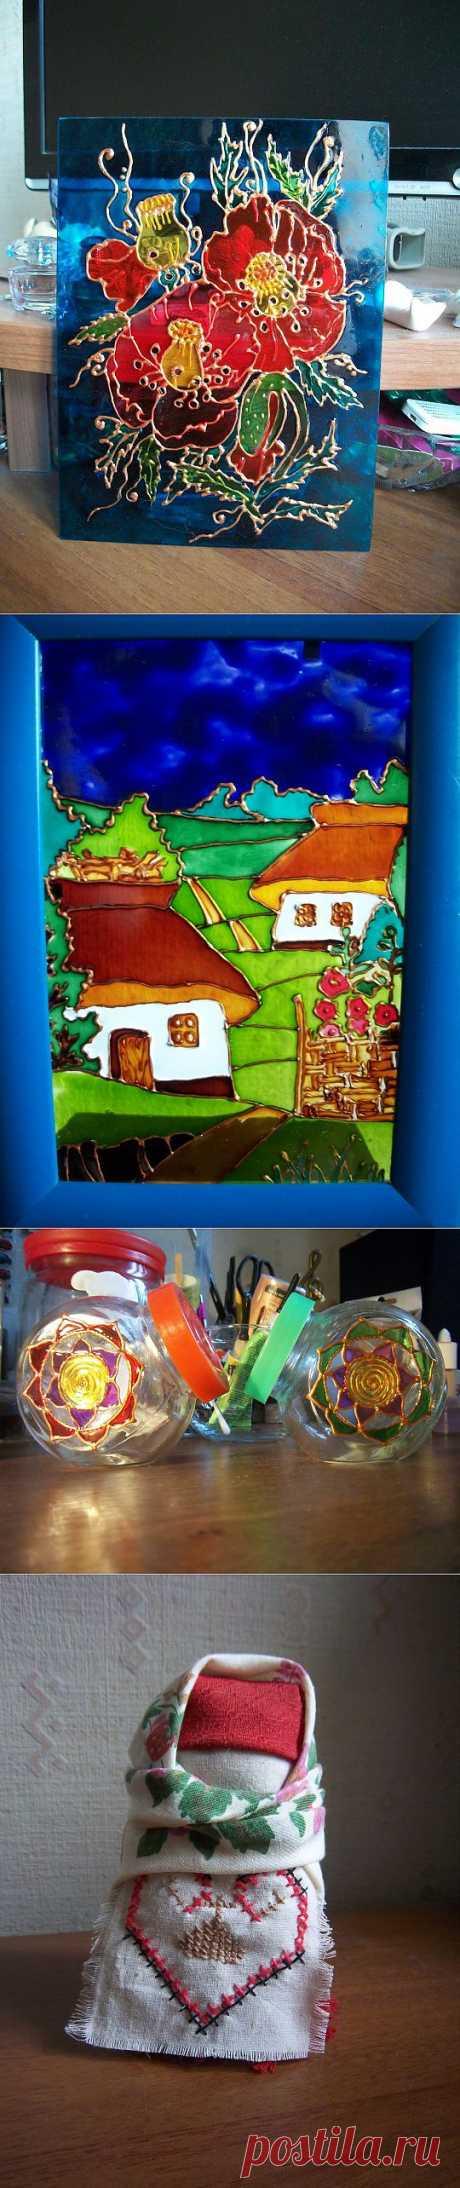 (+1) сообщ - Витражная роспись по мотивам батика Виктории Игнатовой и другие мои работы | Очумелые ручки